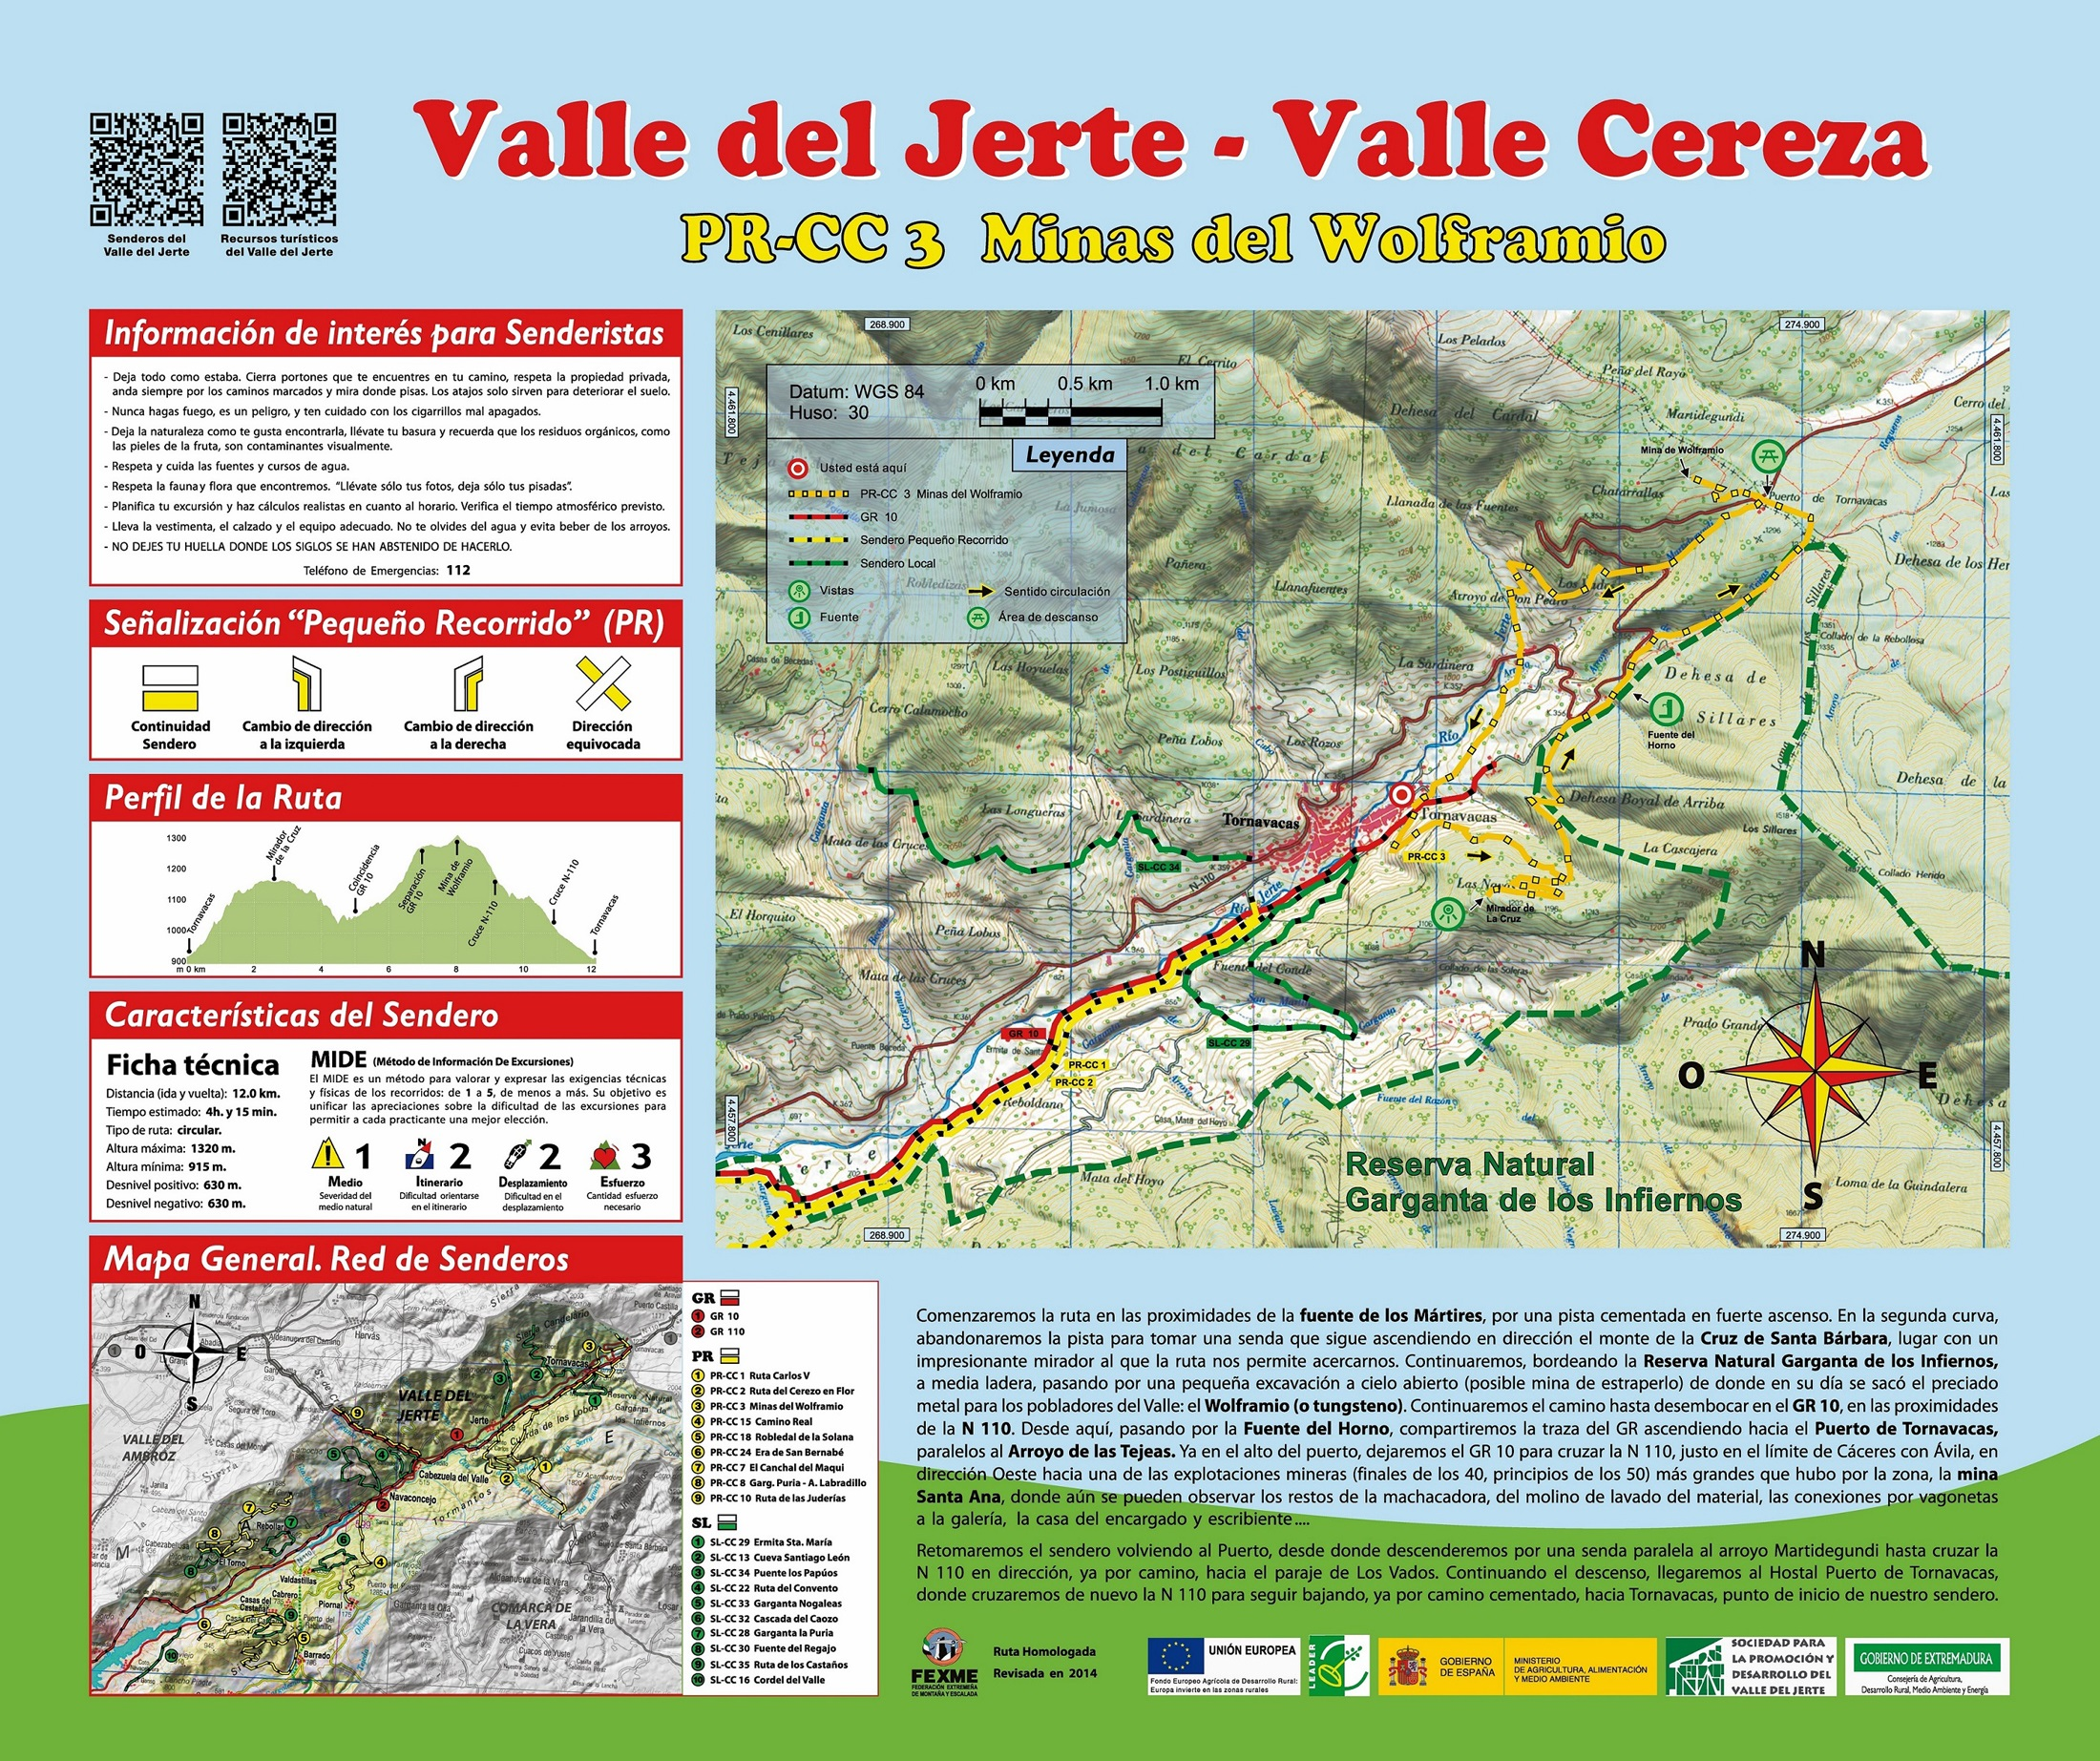 Ruta minas de wolframio senderismo en el valle del jerte for Oficina de turismo valle del jerte